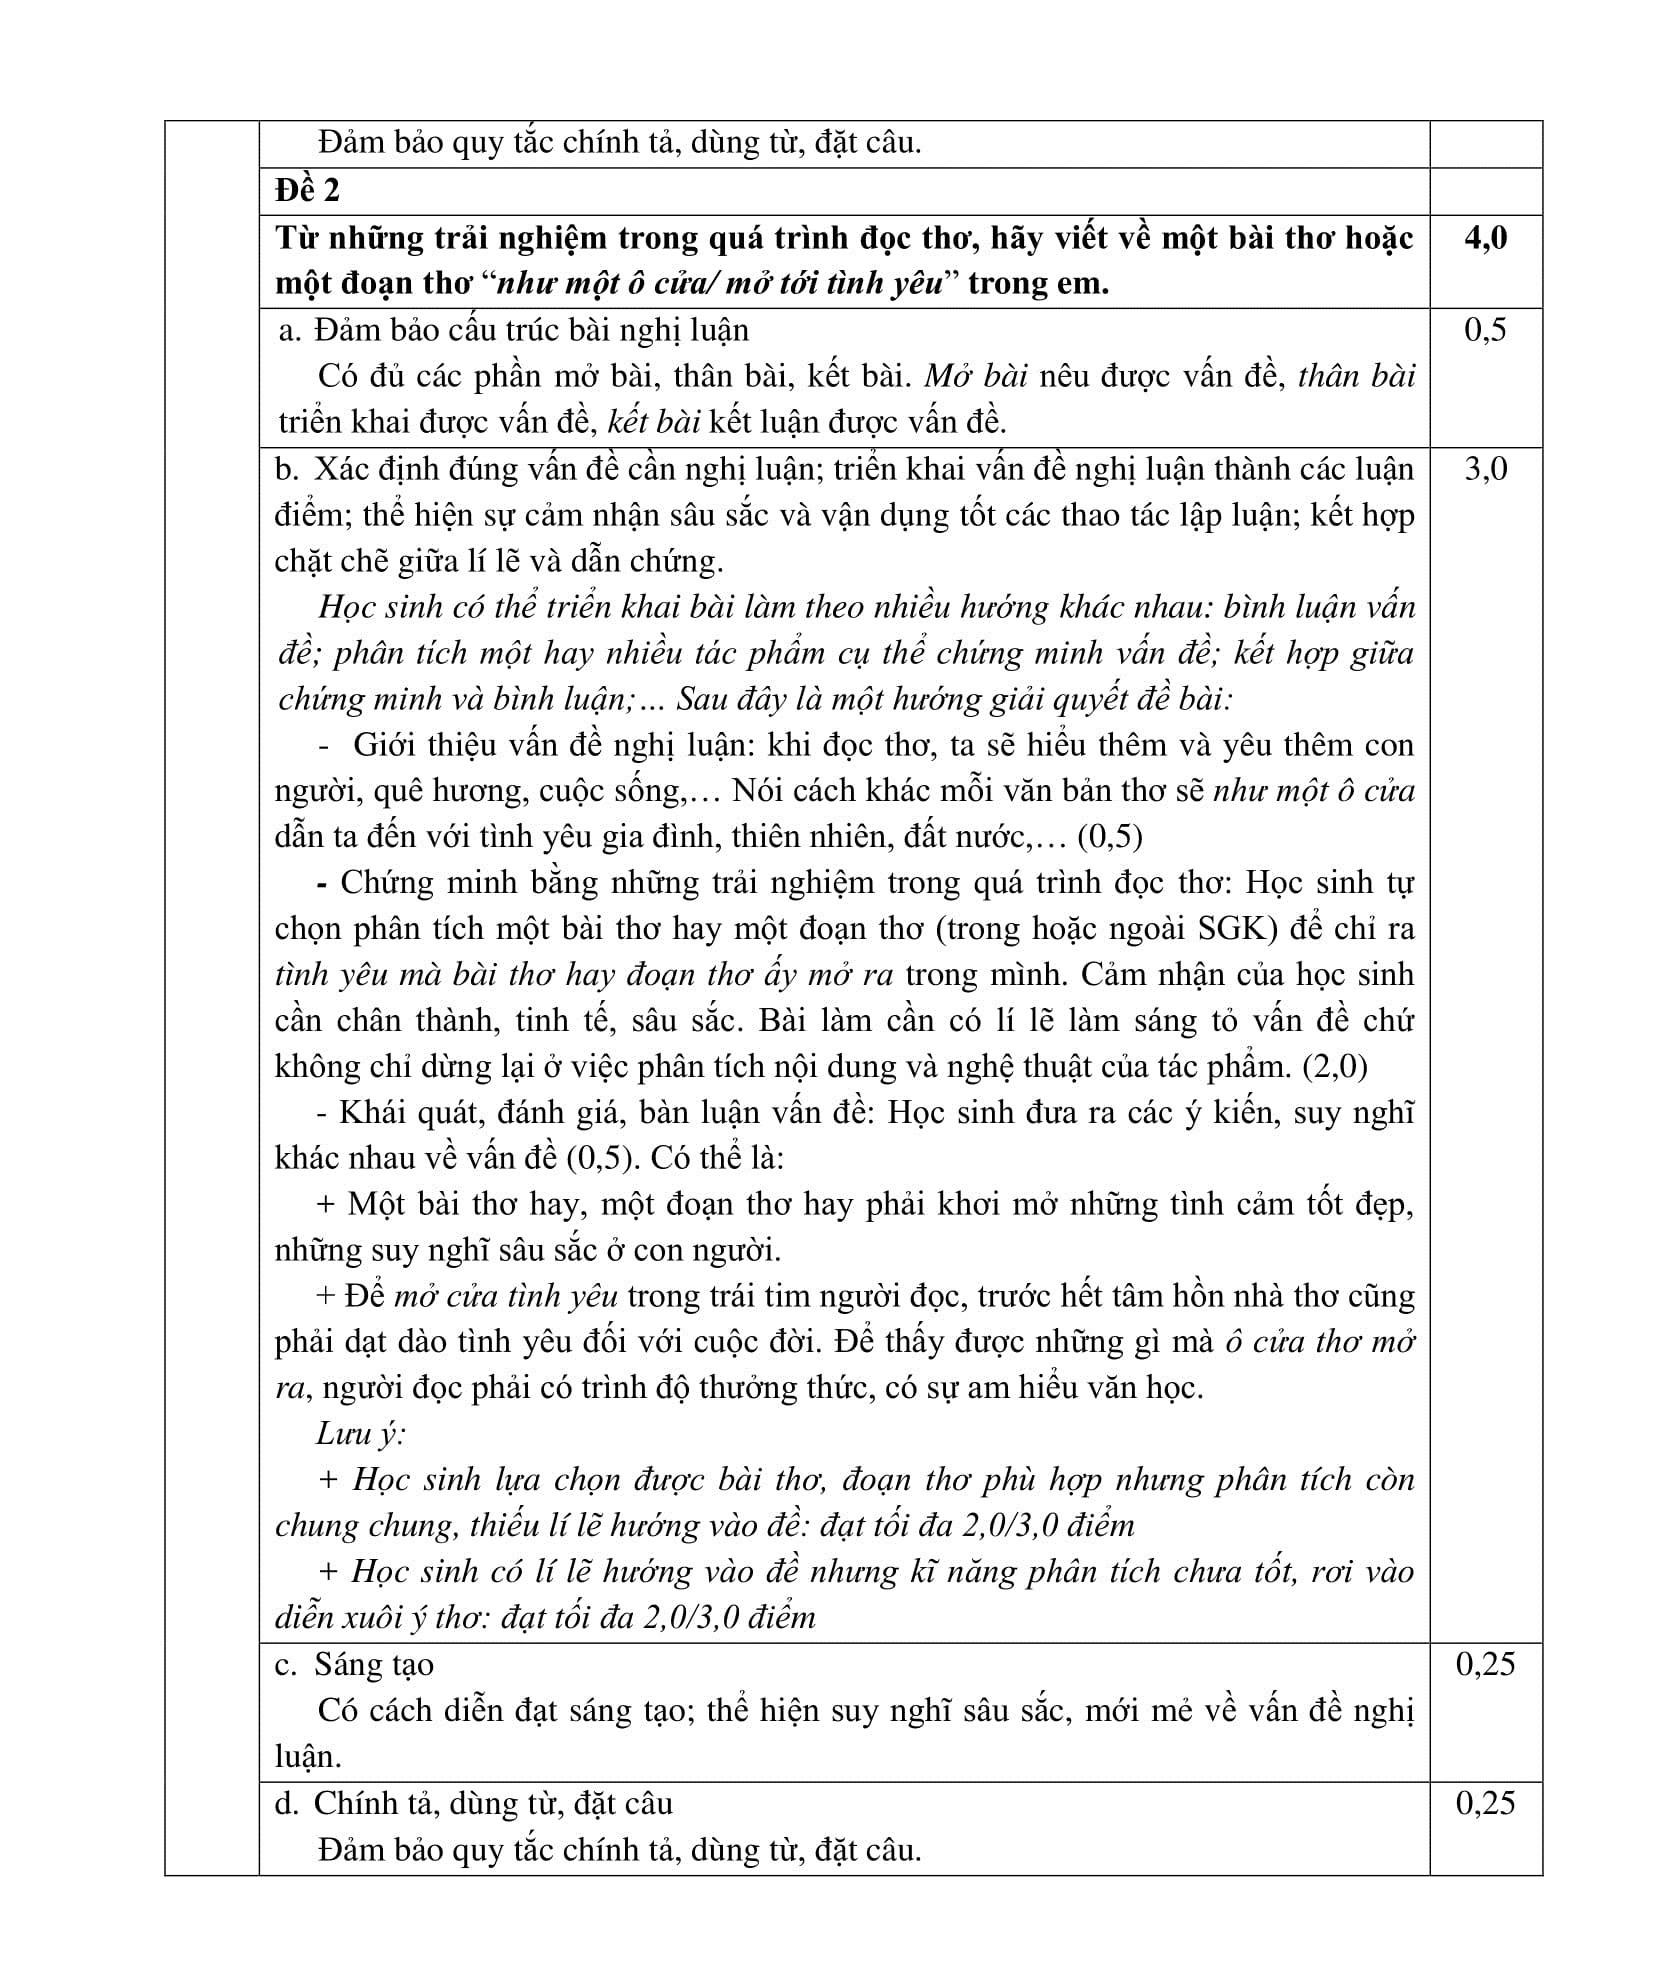 Sở GD&ĐT TP HCM công bố đáp án chính thức đề thi vào lớp 10 môn Ngữ văn - Ảnh 4.